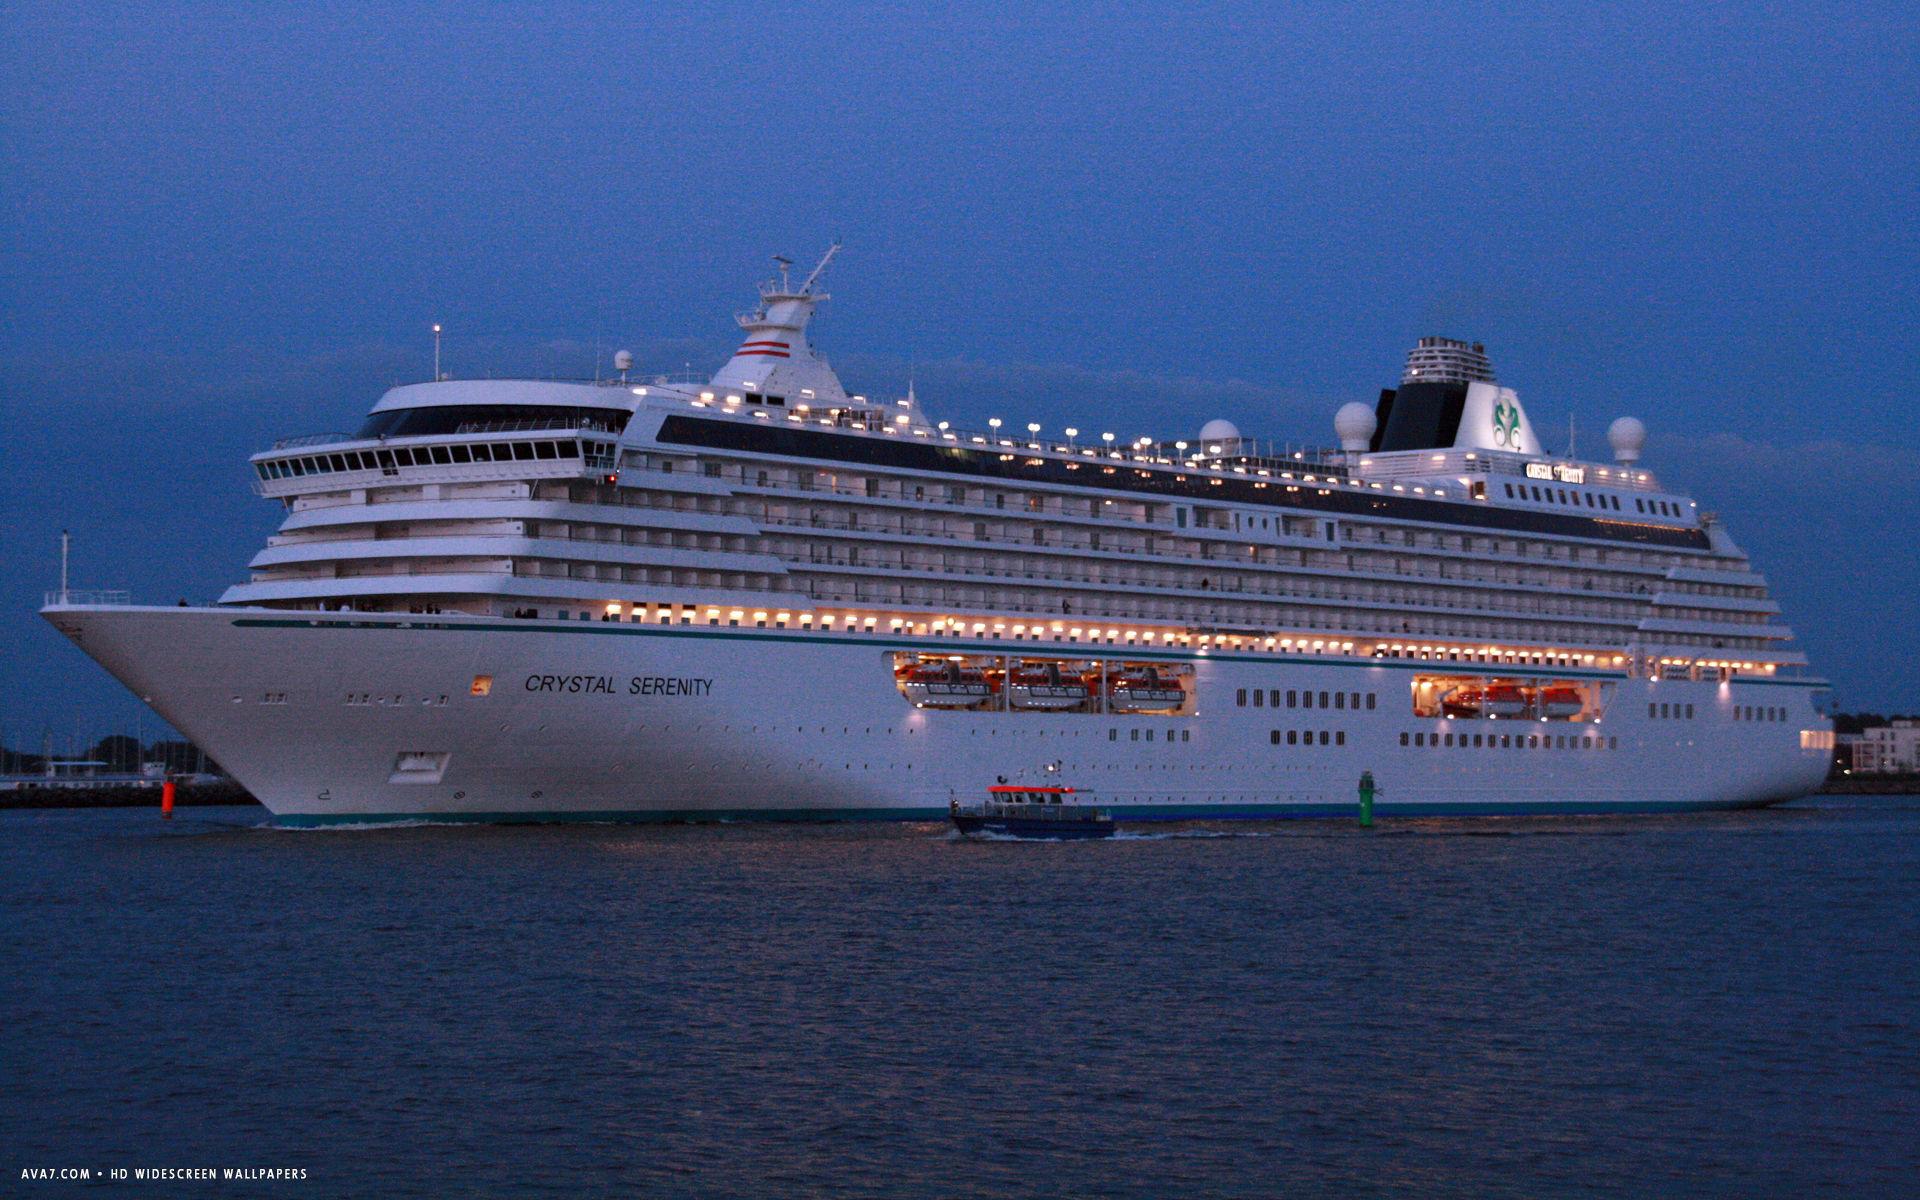 cruise ship hd widescreen wallpaper / cruise ships backgrounds